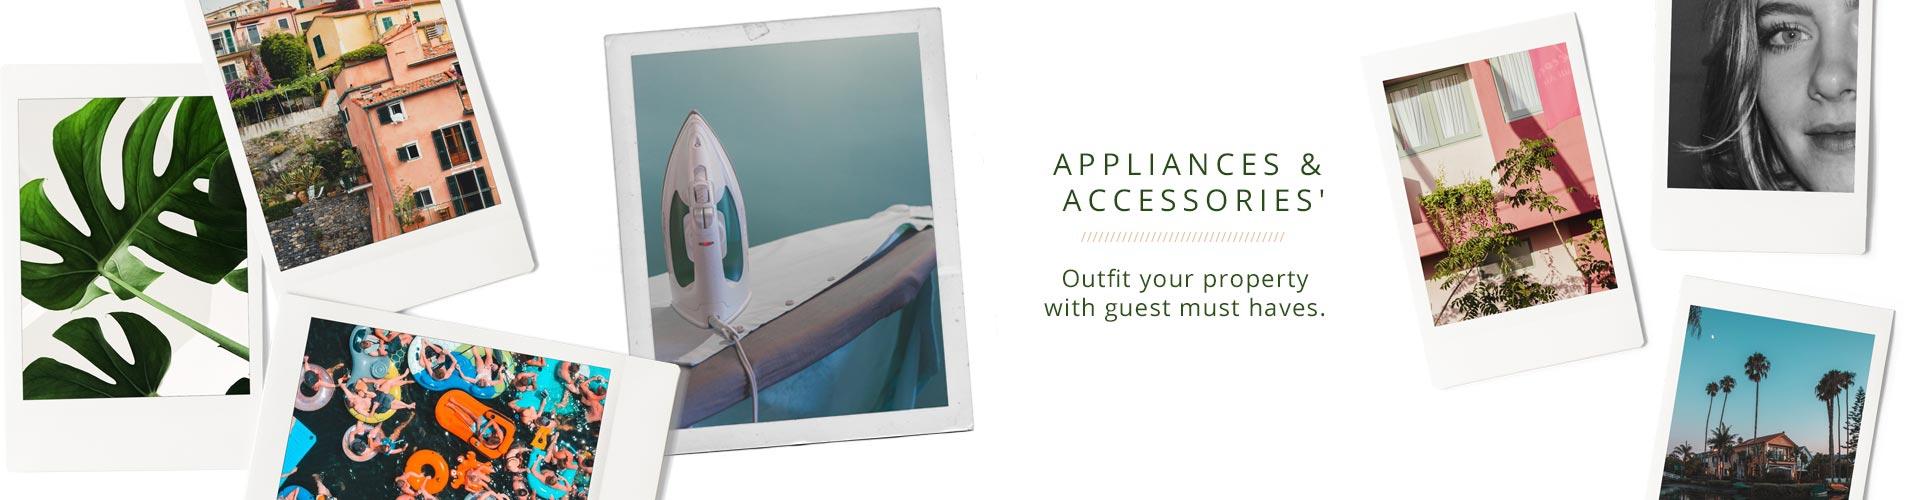 Appliances & Accessories